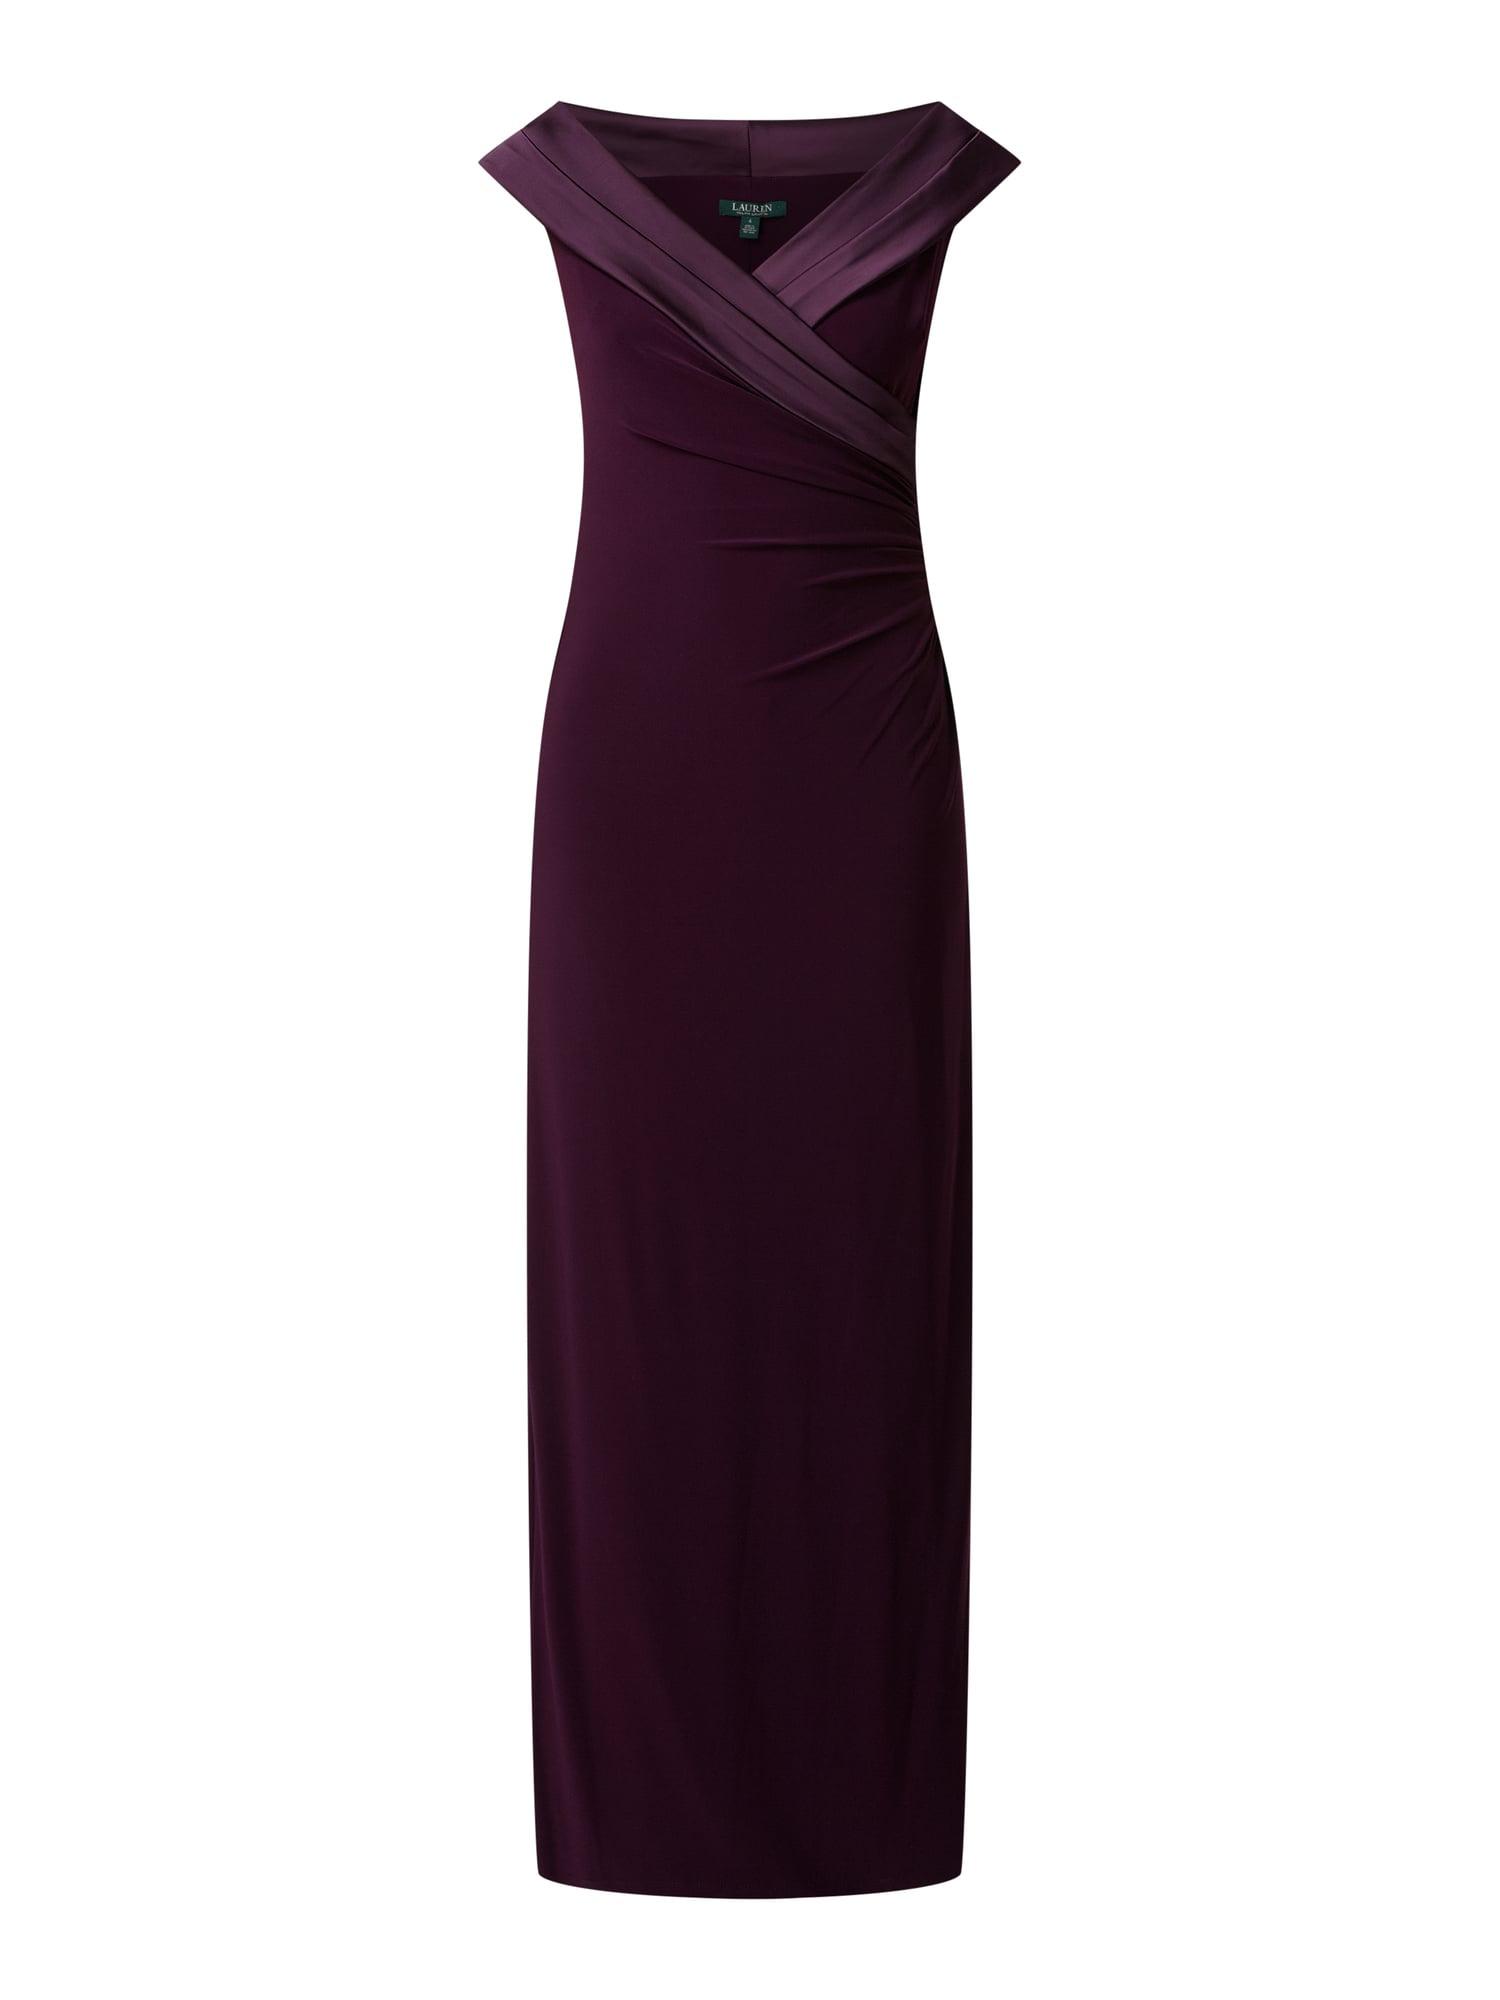 17 Genial Wickel Abendkleid Spezialgebiet10 Großartig Wickel Abendkleid Stylish